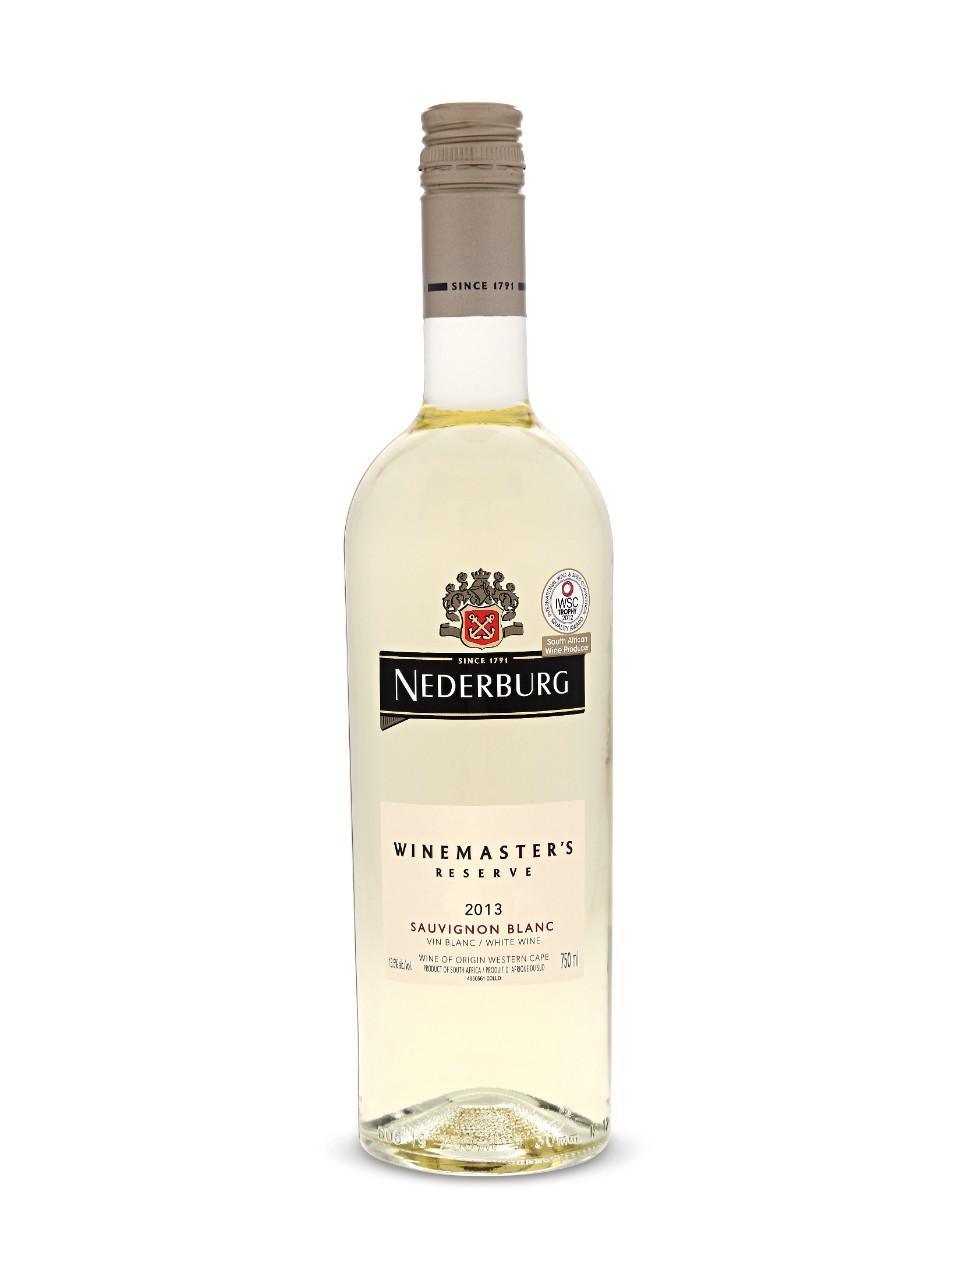 Pair with Sauvignon Blanc